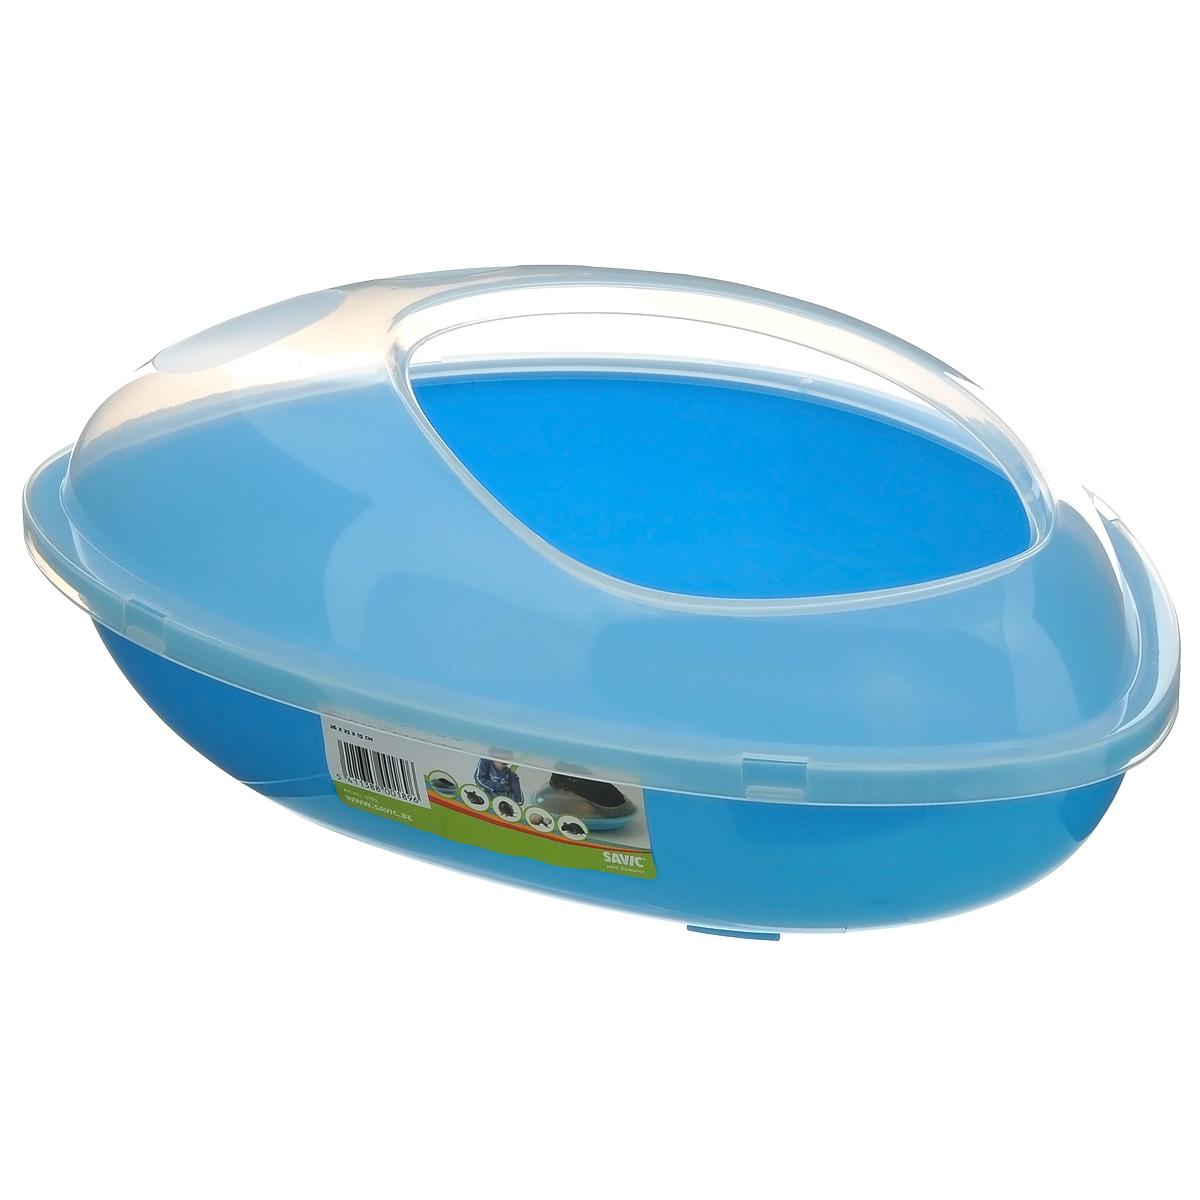 Купалка для шиншилл Savik, цвет: голубой, 35 х 23 см х 15 см15461Купалка для шиншилл Savik очень удобный аксессуар для купания мелких домашних животных, таких как крысы, мыши, шиншиллы, хорьки. Купалка представляет собой емкость с небольшим отверстием.